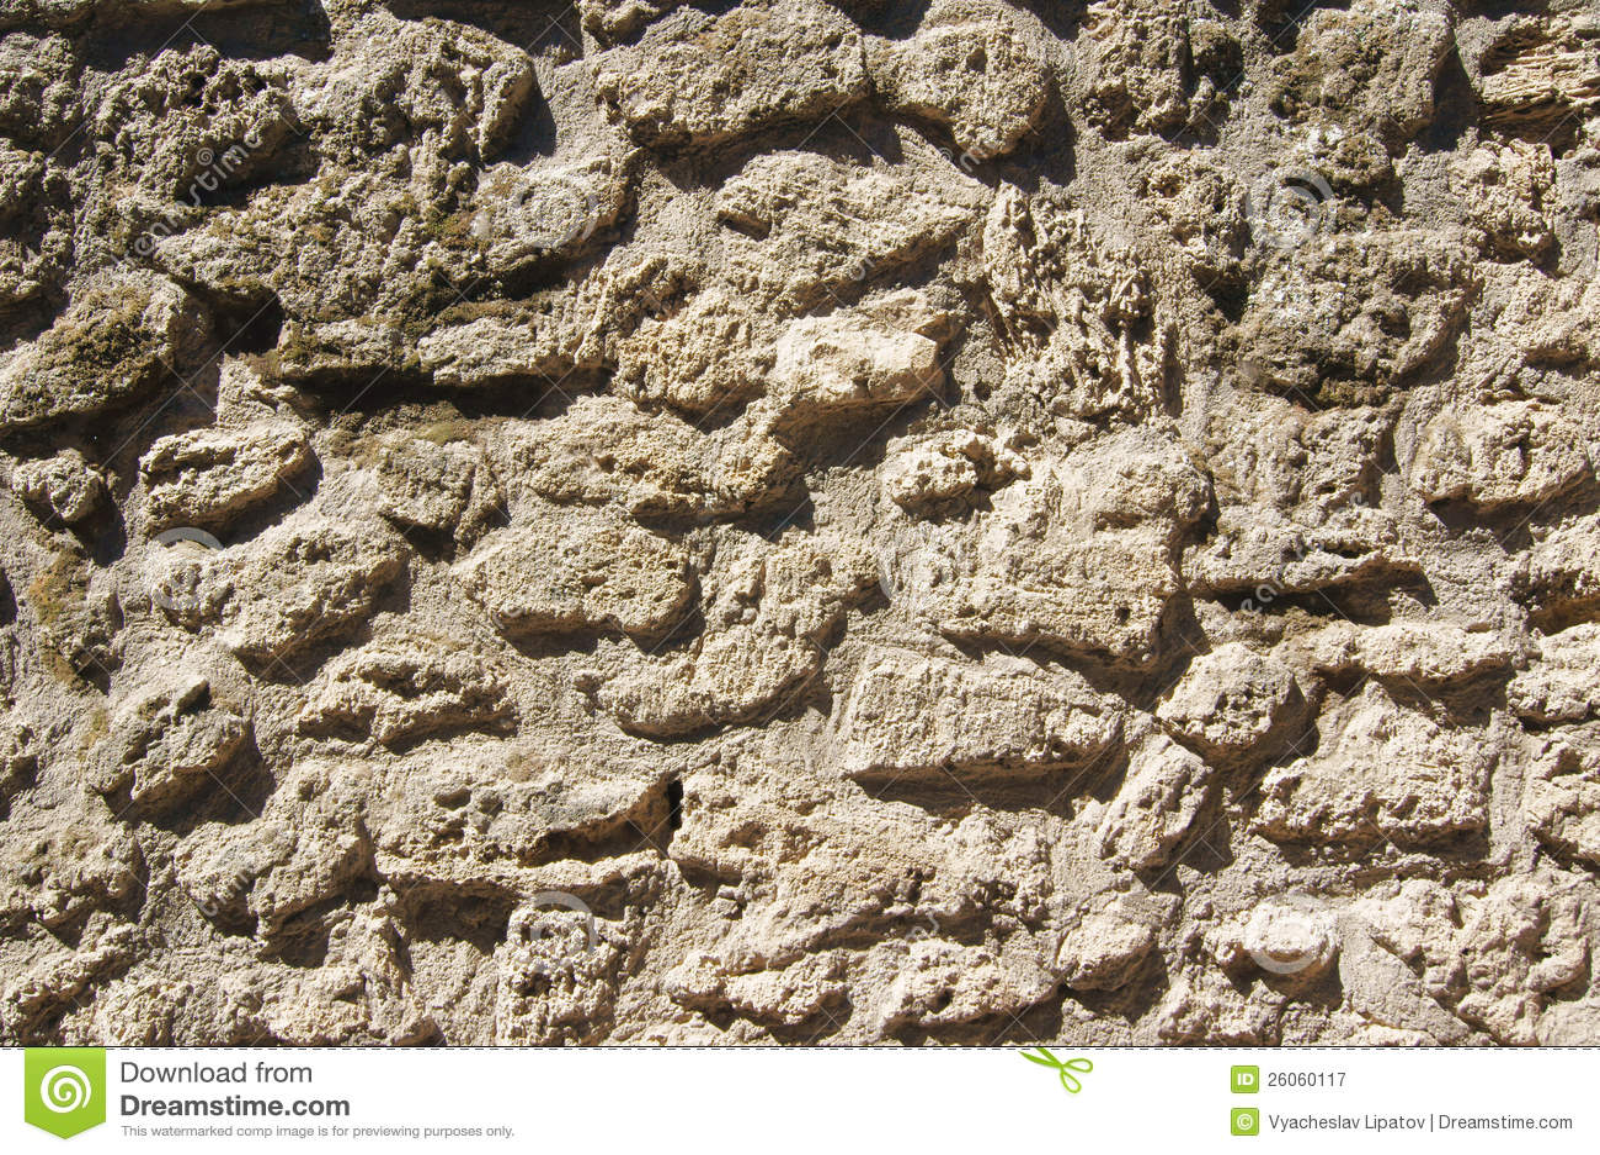 The texture of ancient masonry lava stone